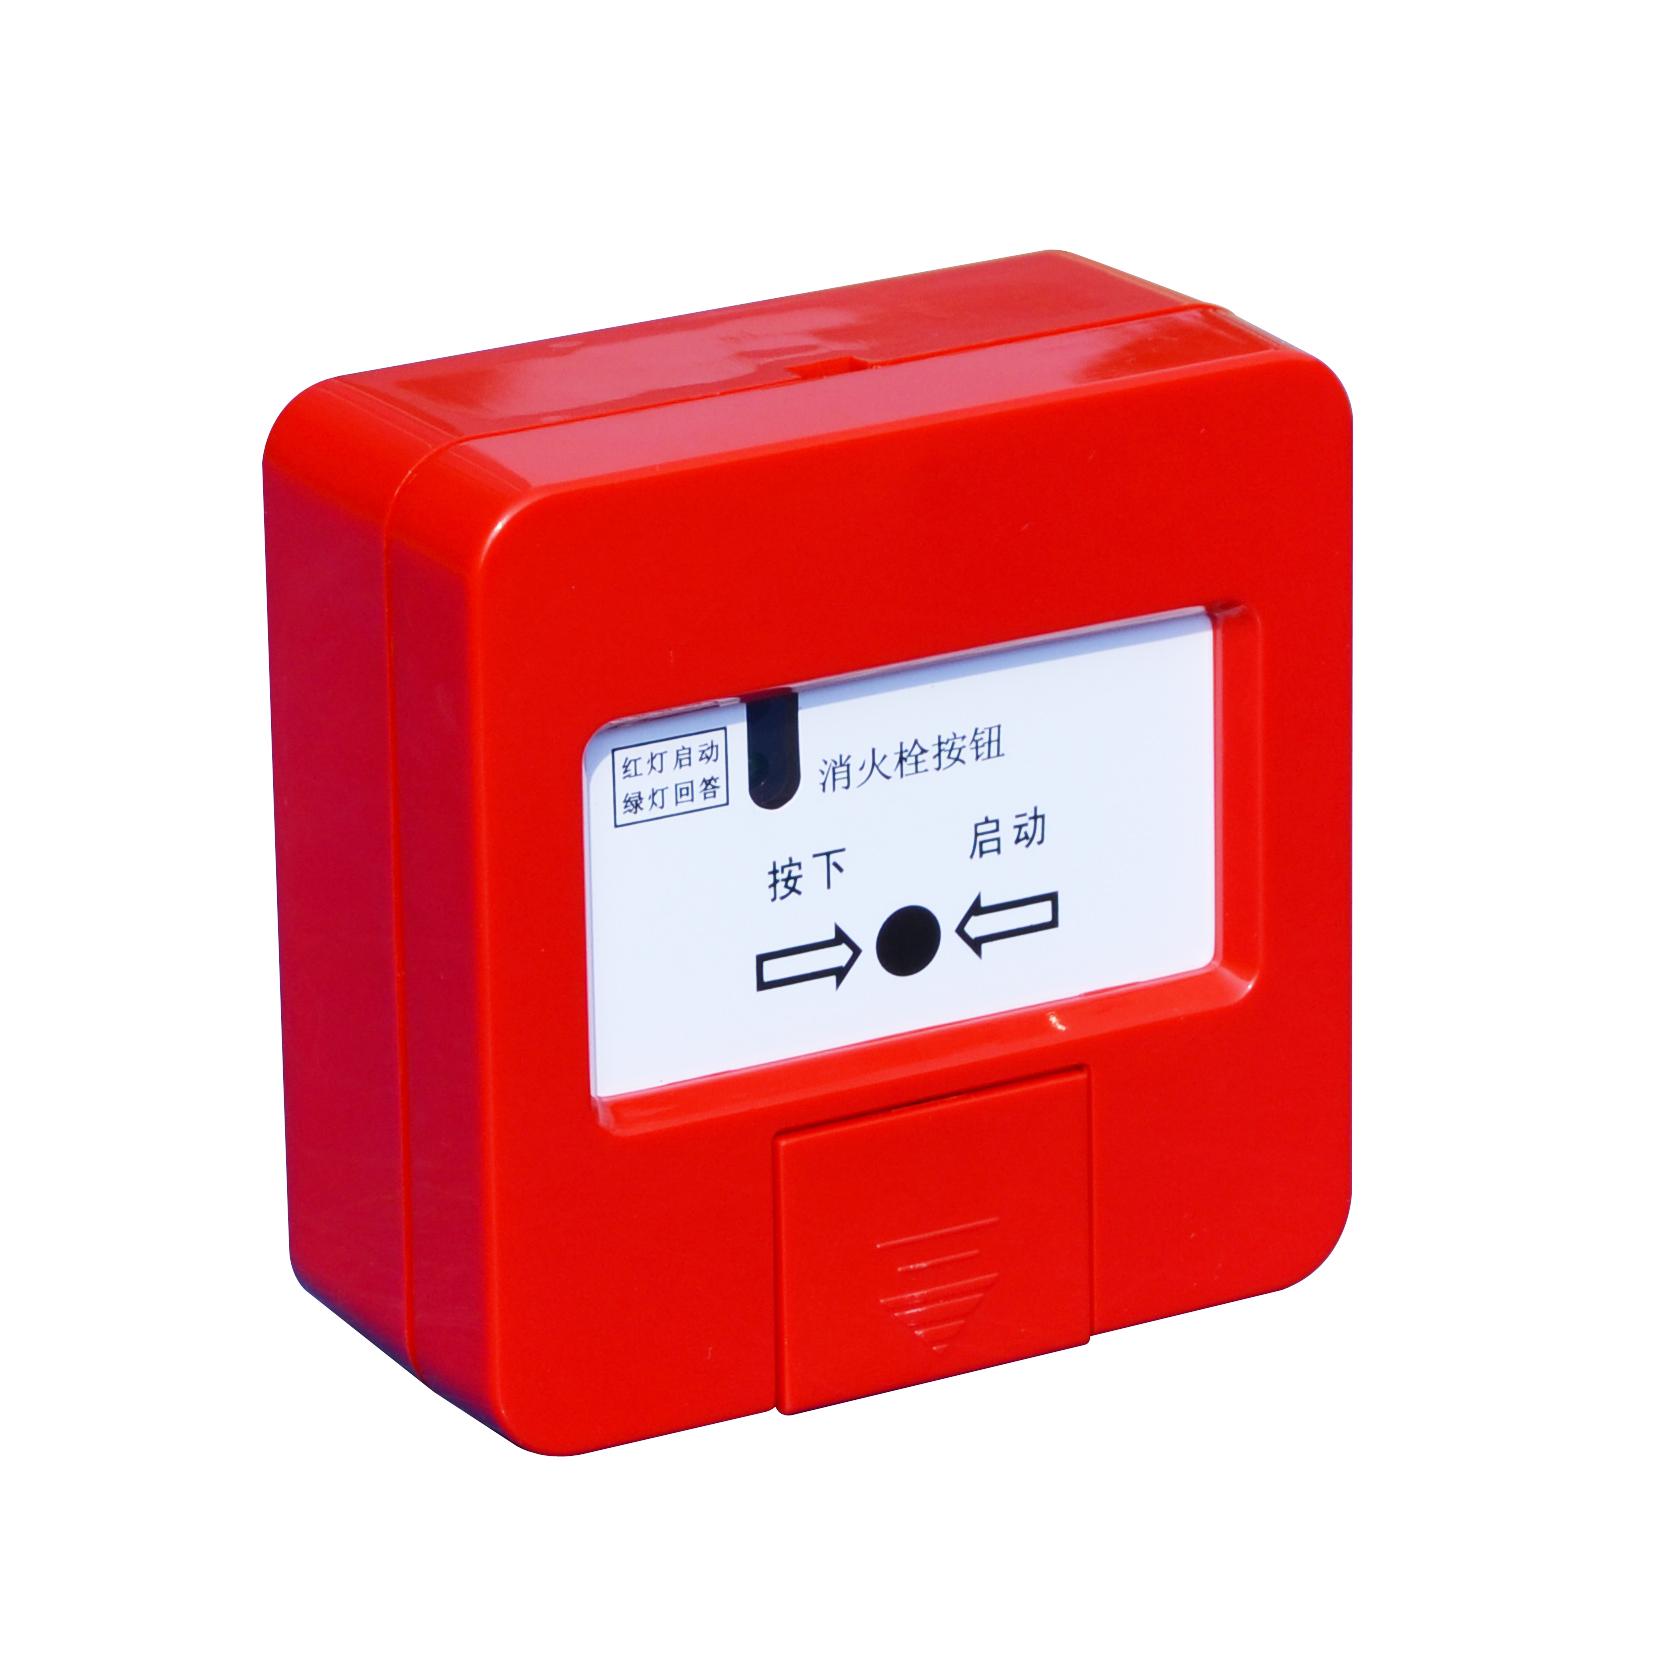 J-SAP-M-SH2163A消火栓按钮(图1)